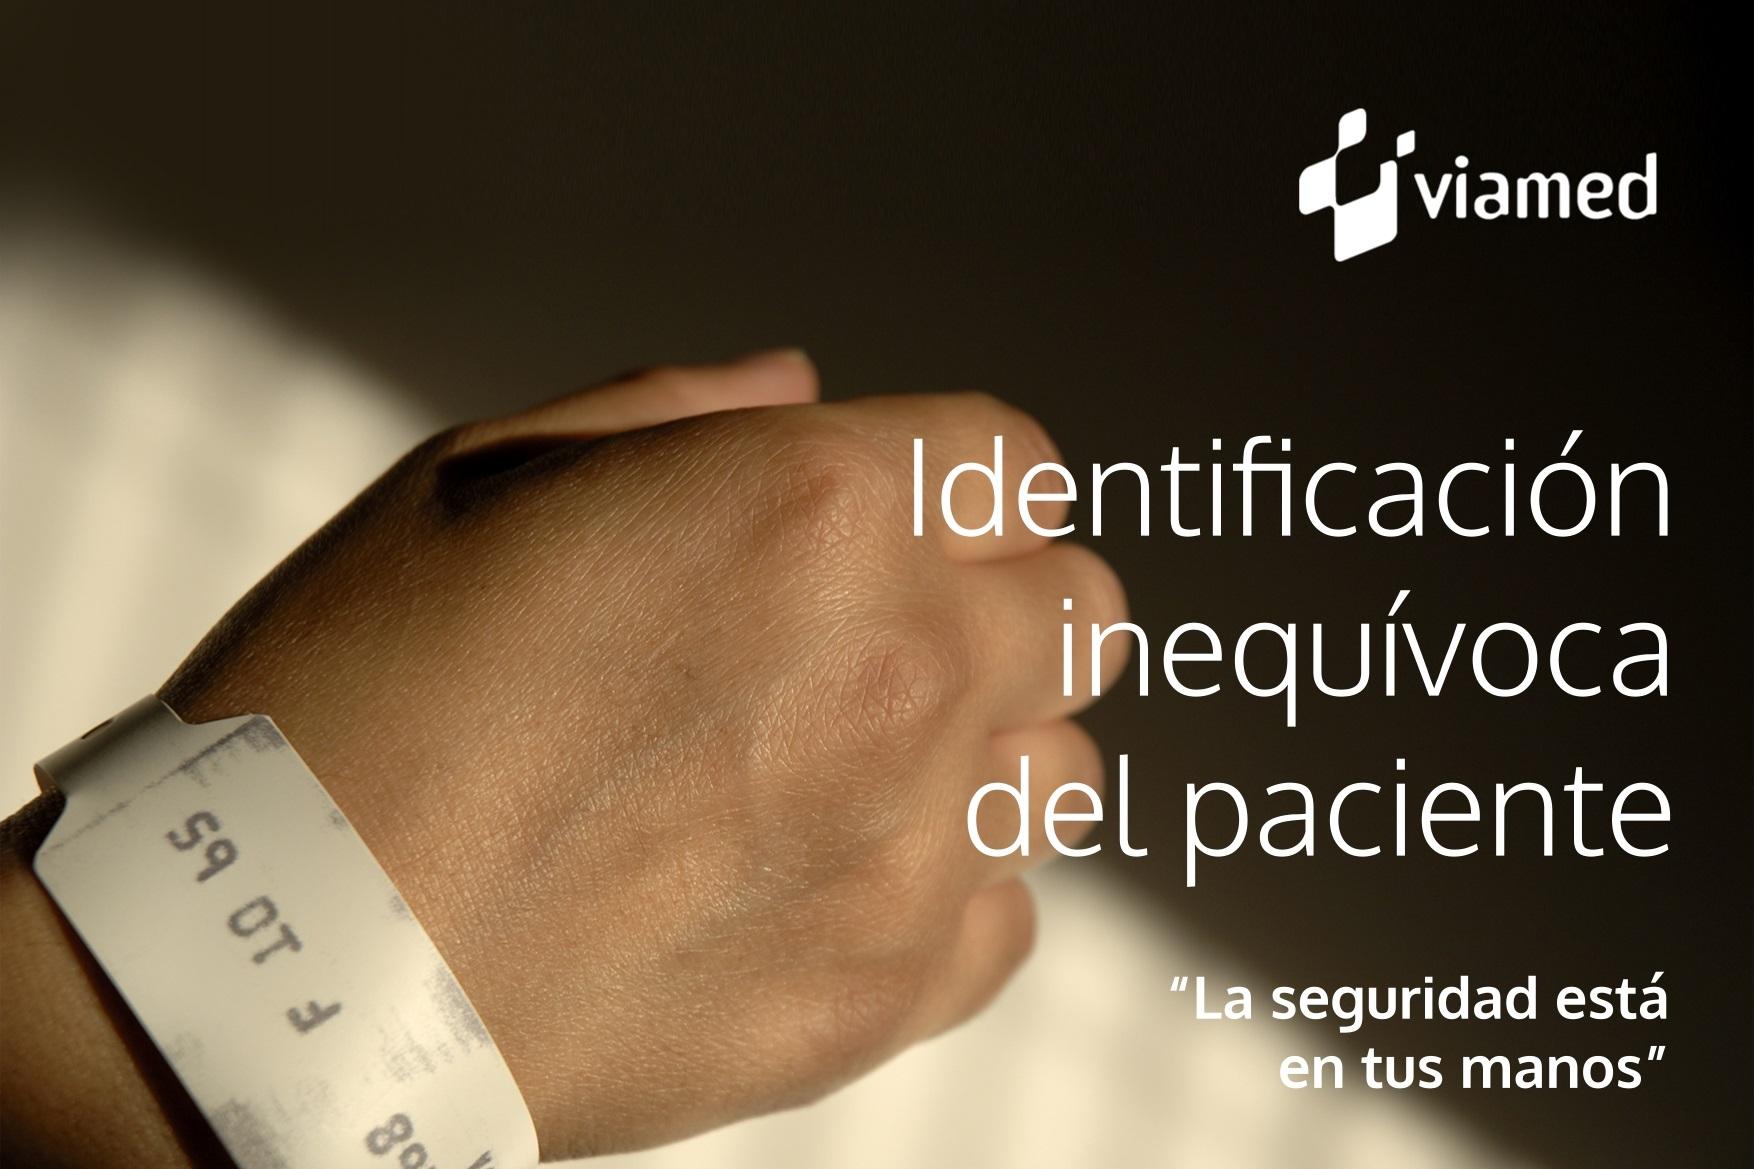 Viamed lanza una campaña para reforzar la adecuada identificación del paciente